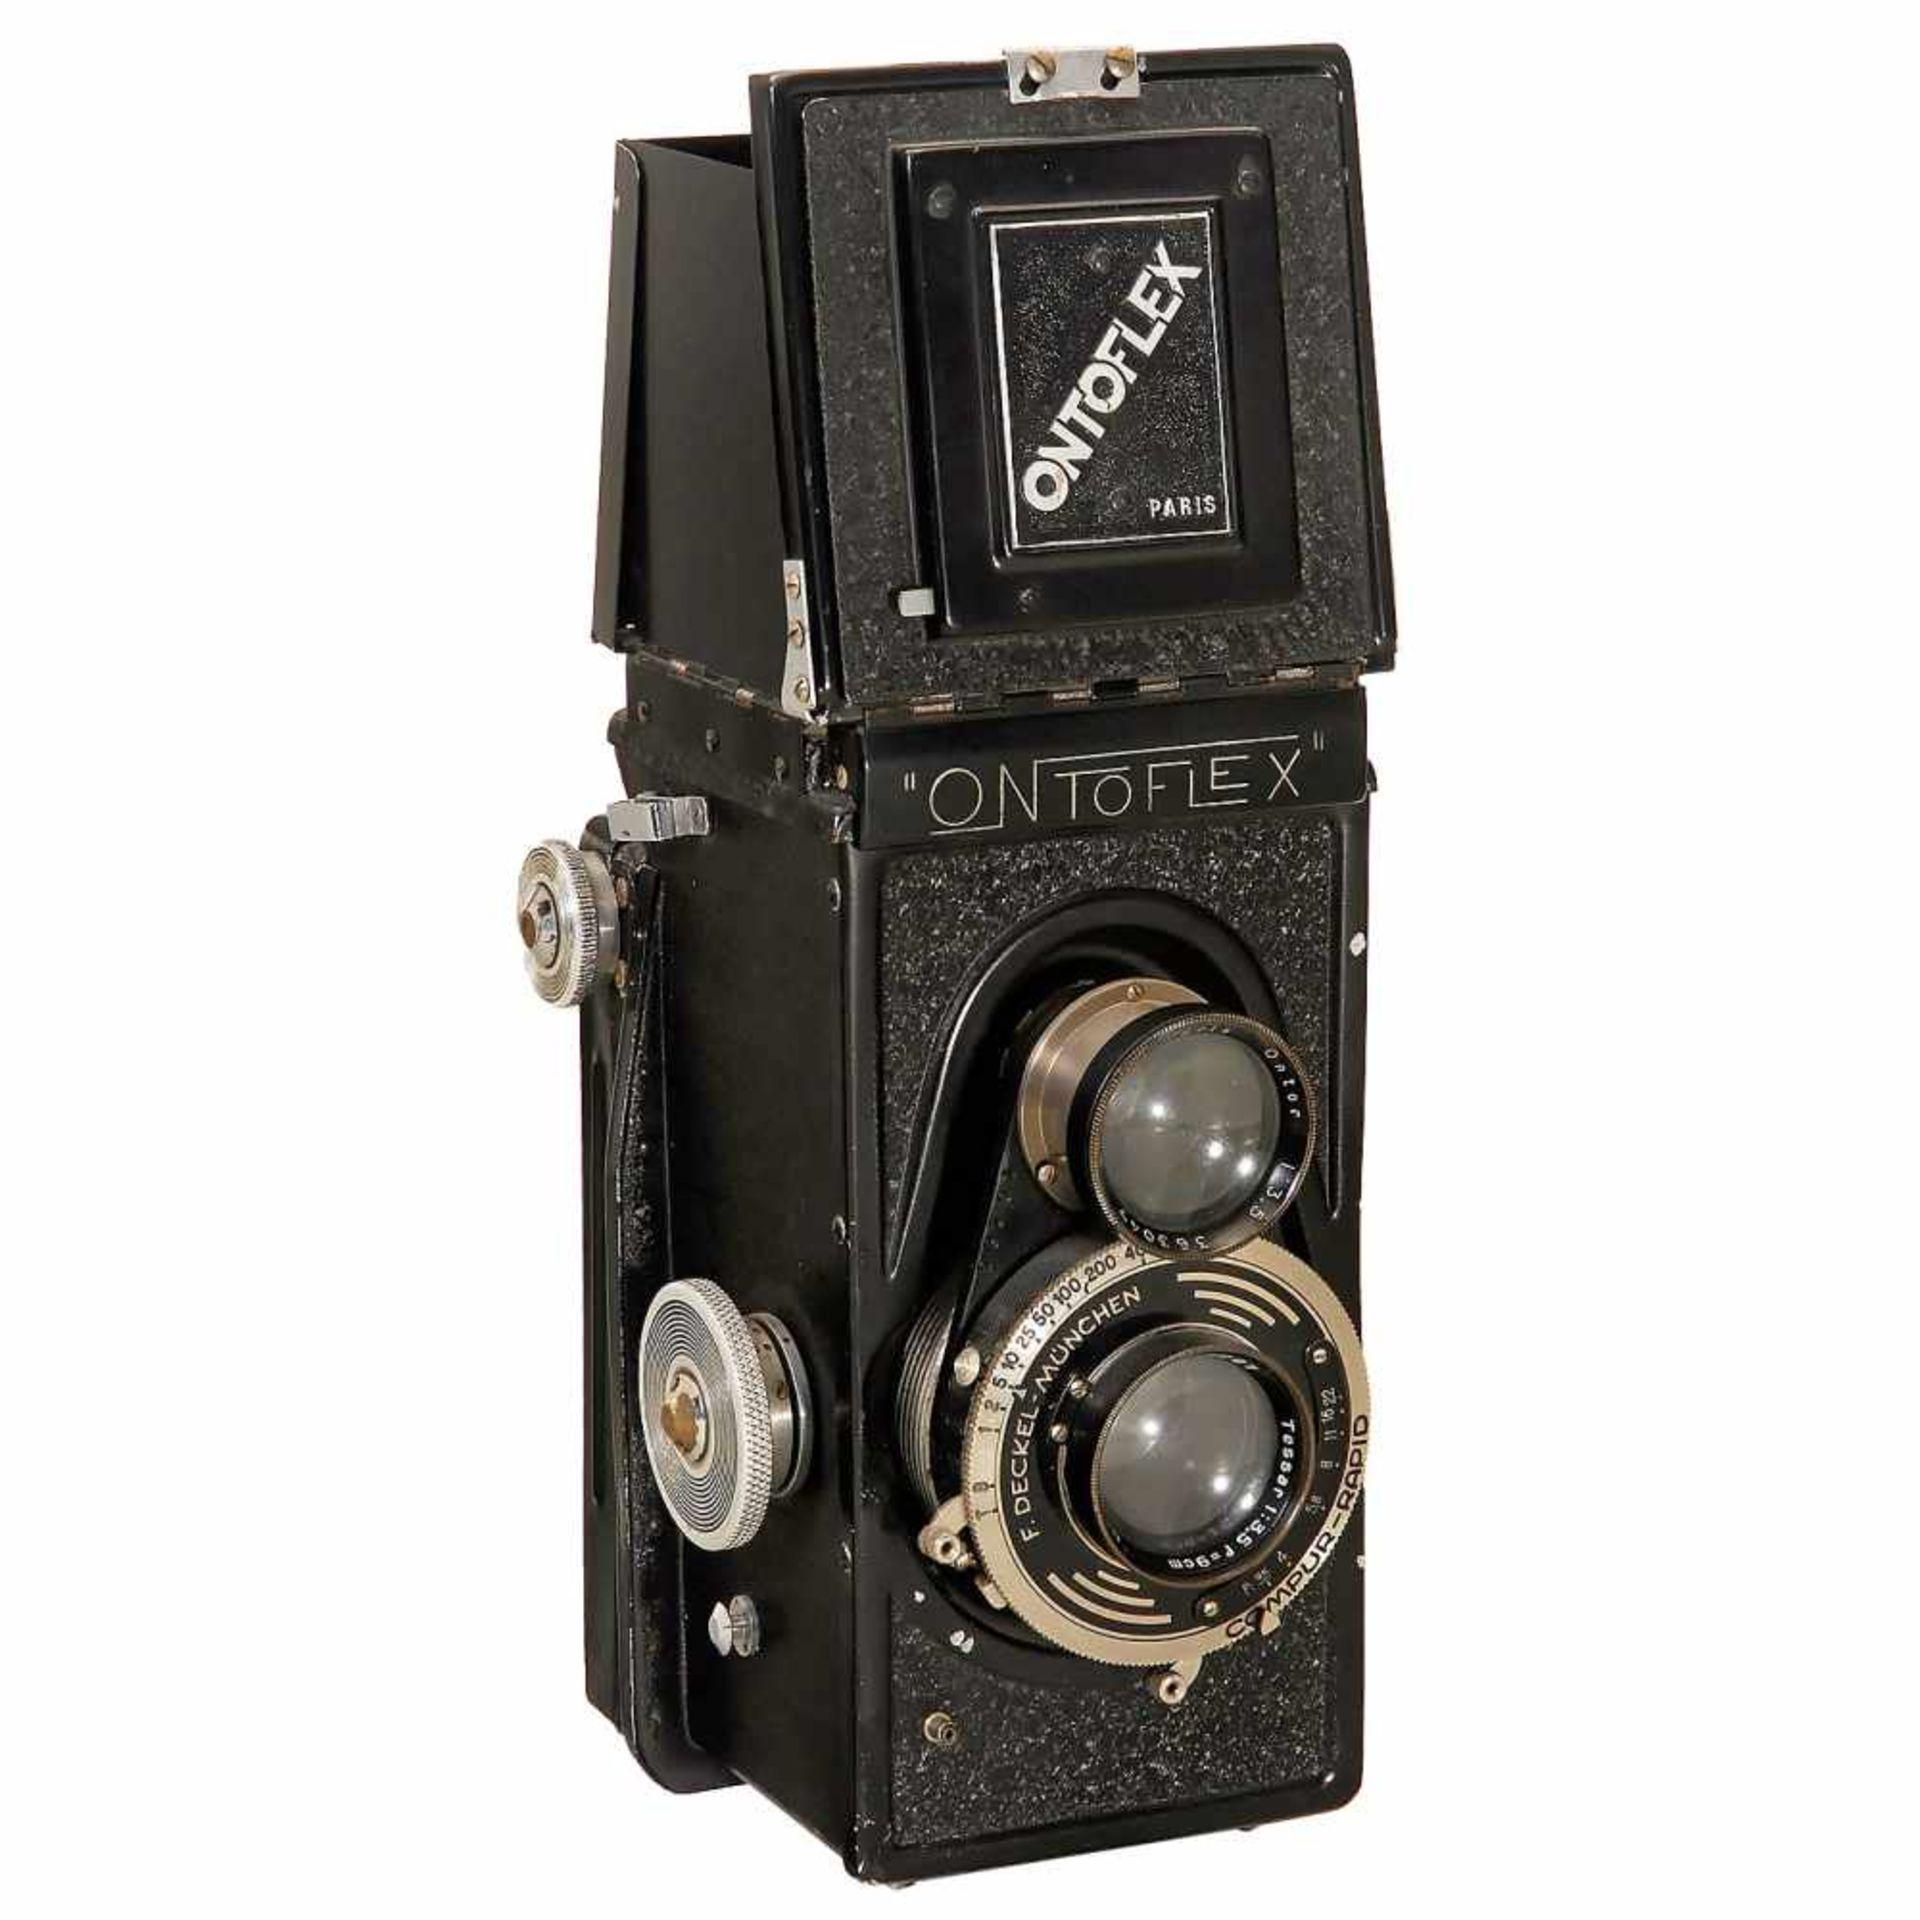 """Ontoflex No. 3 (Model 2) """"Tessar"""", 1940Éts G. Cornu, Paris. TLR camera for rollfilm 6 x 9 cm, with"""